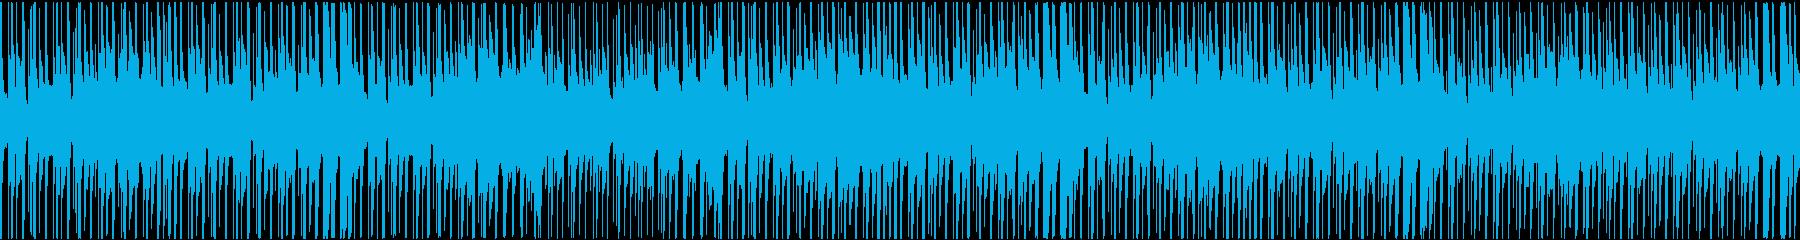 尺八と琴エレクトロの再生済みの波形